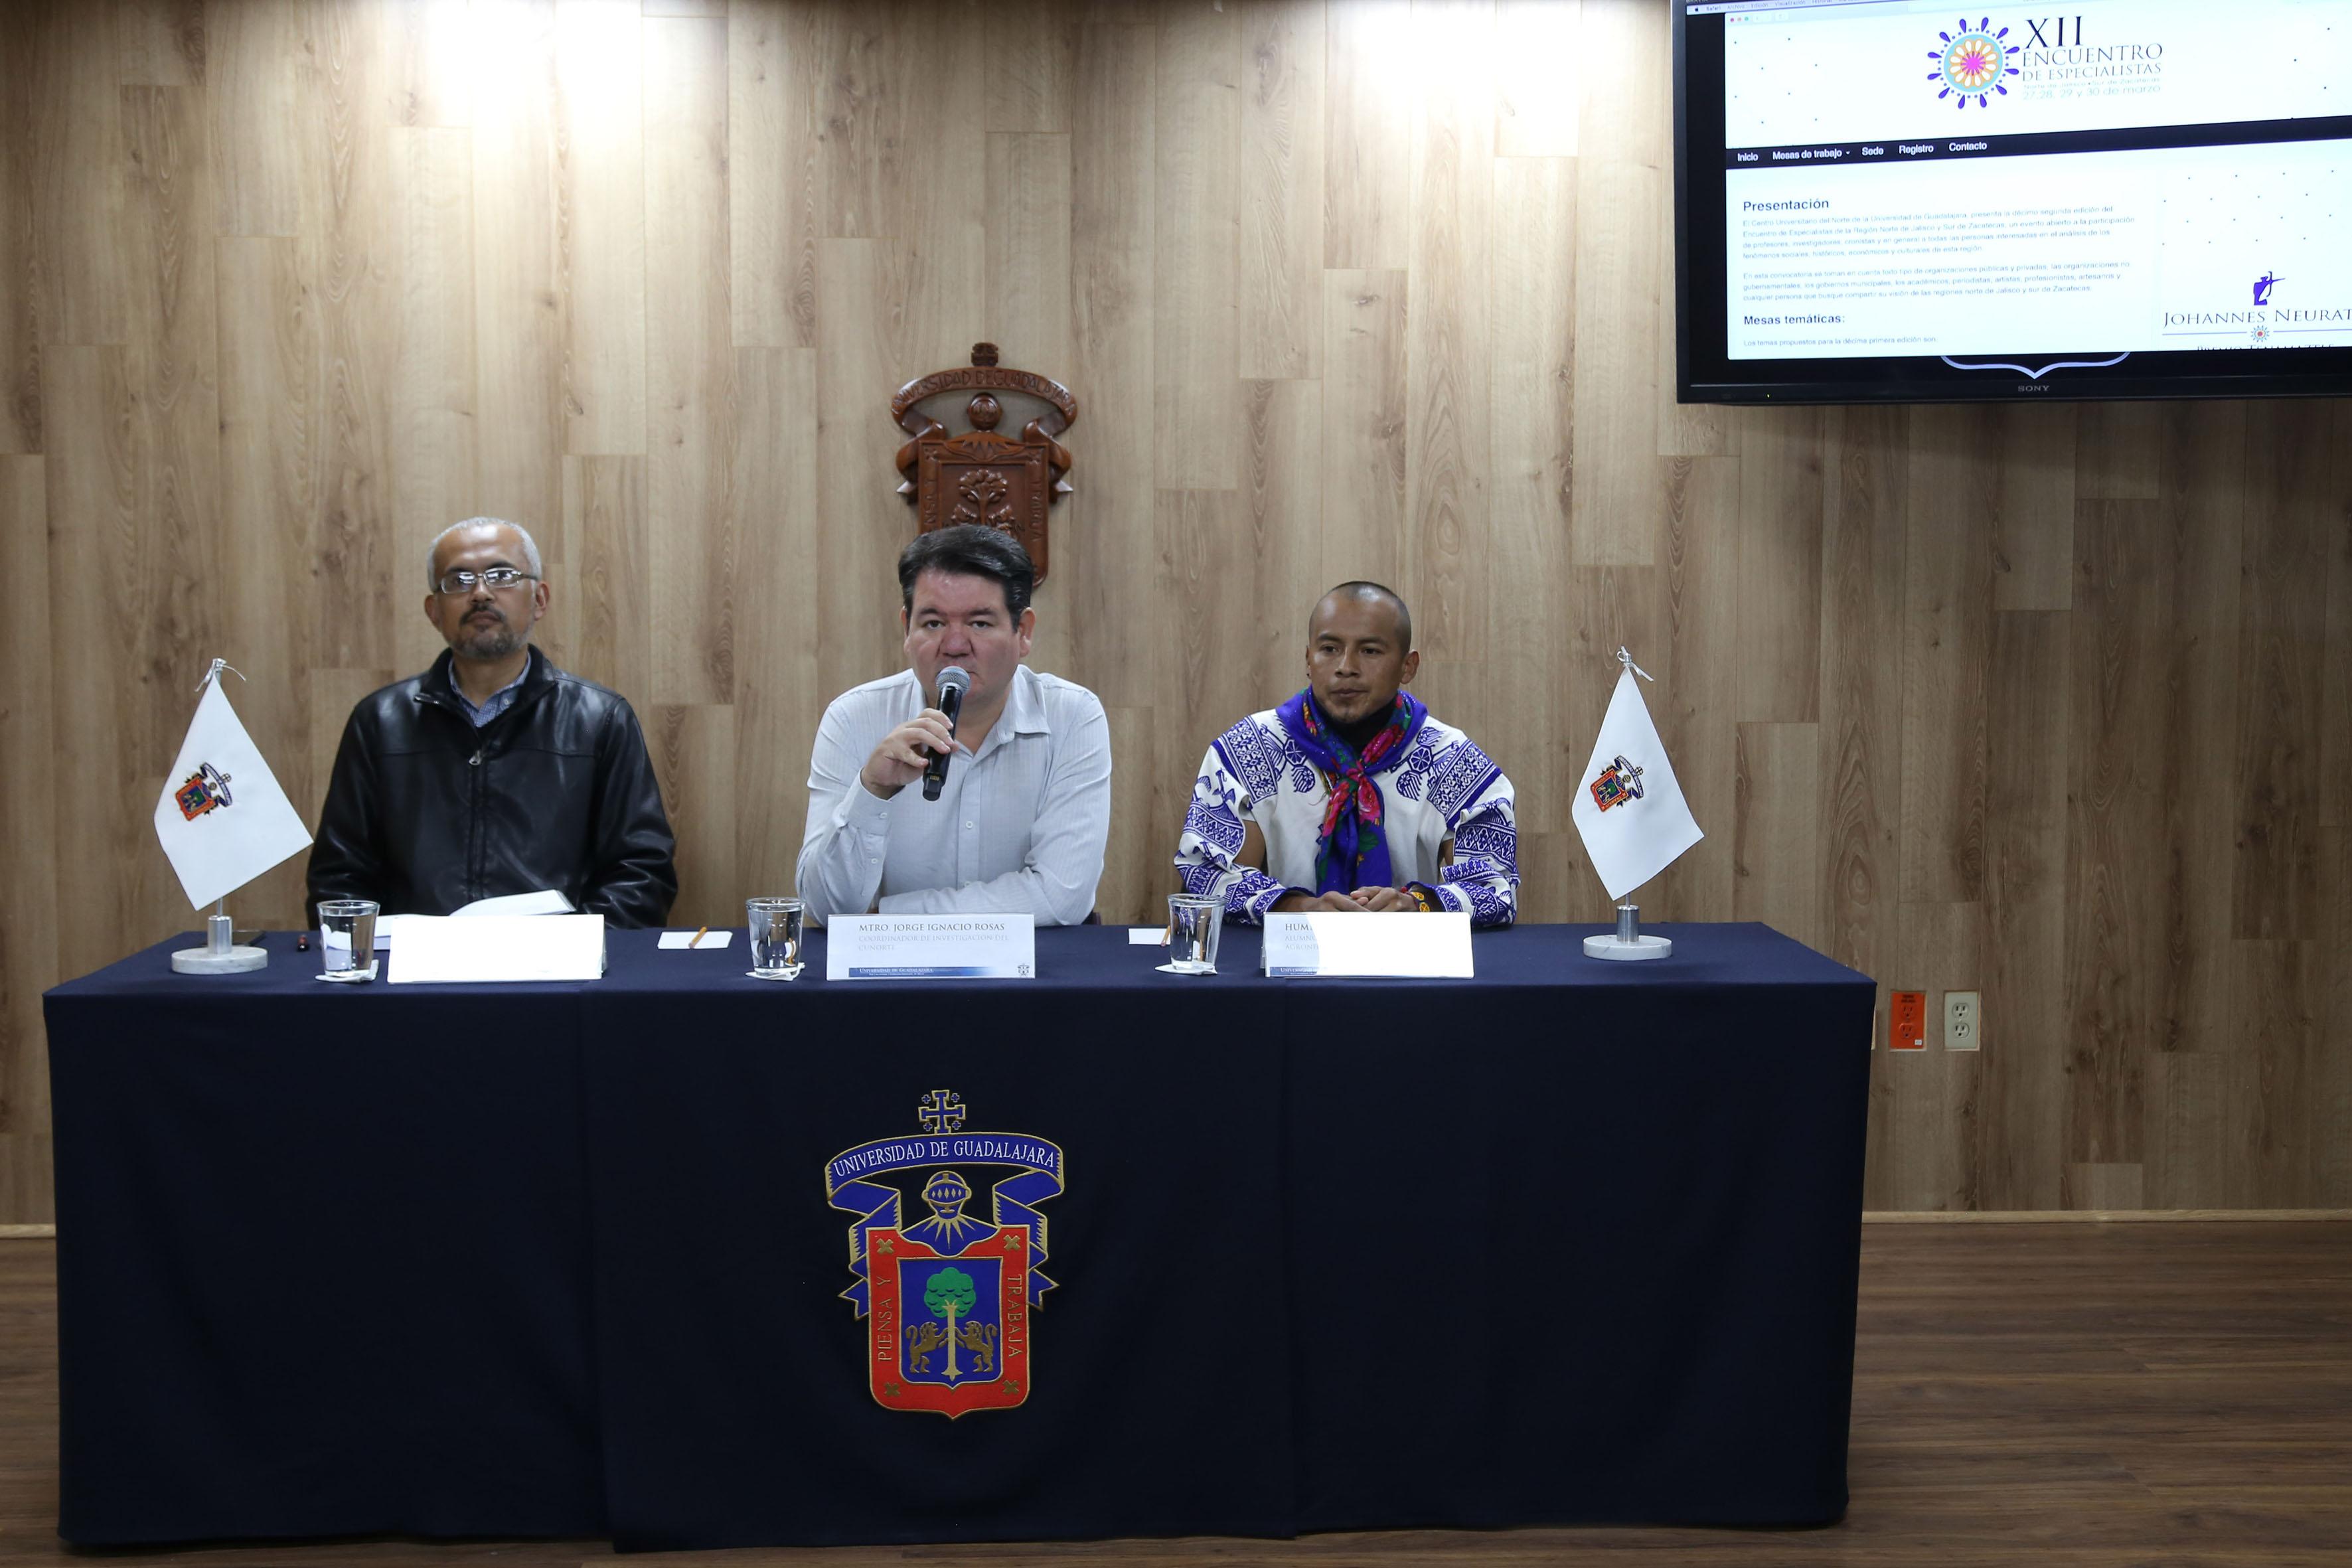 Rueda de prensa para anunciar el XII Encuentro de Especialistas de la Región Norte de Jalisco y Sur de Zacatecas